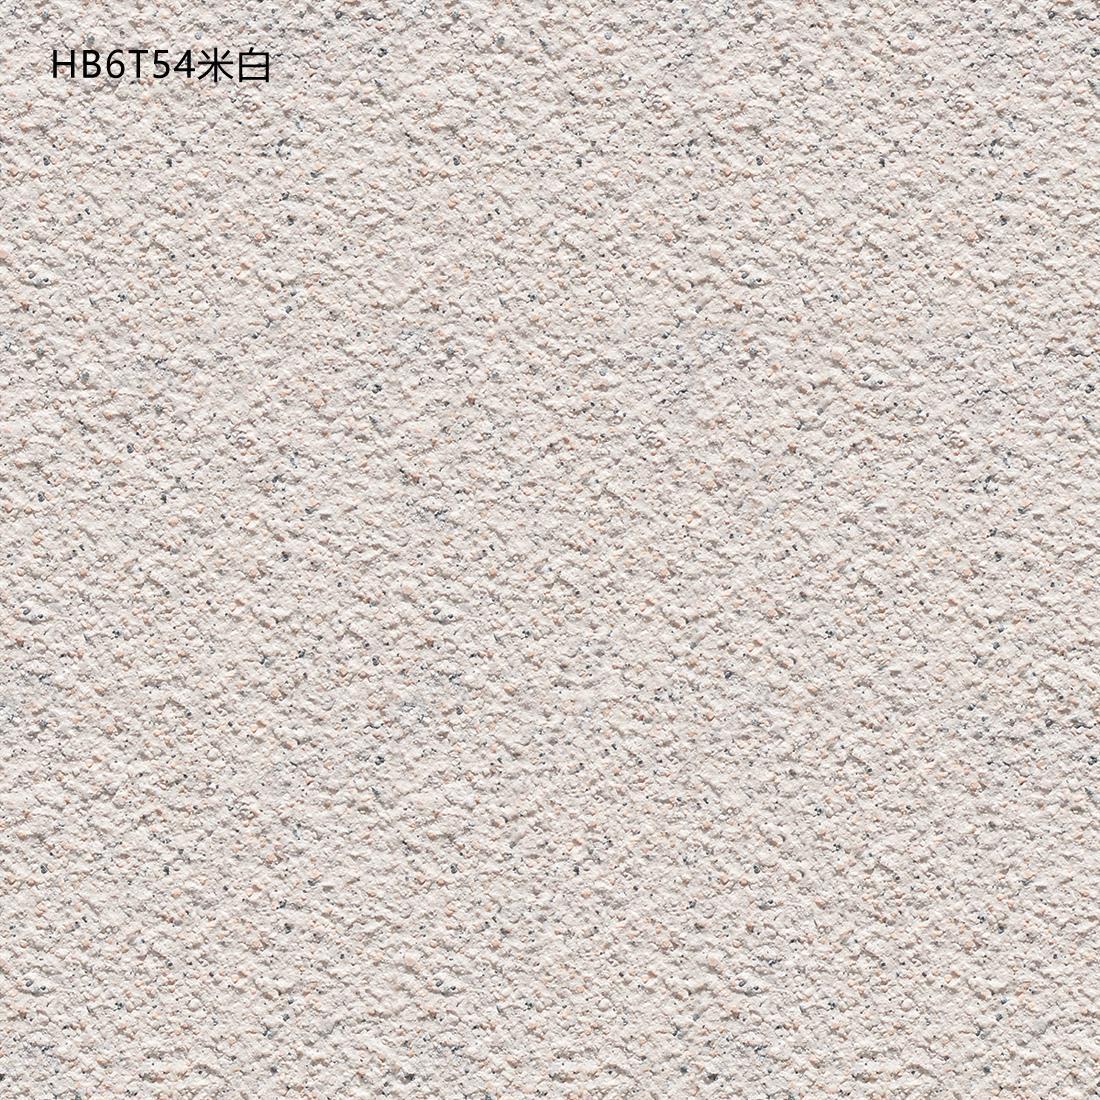 大理石瓷磚幕墻與瓷磚有什么區別?大理石瓷磚幕墻有哪些優勢?